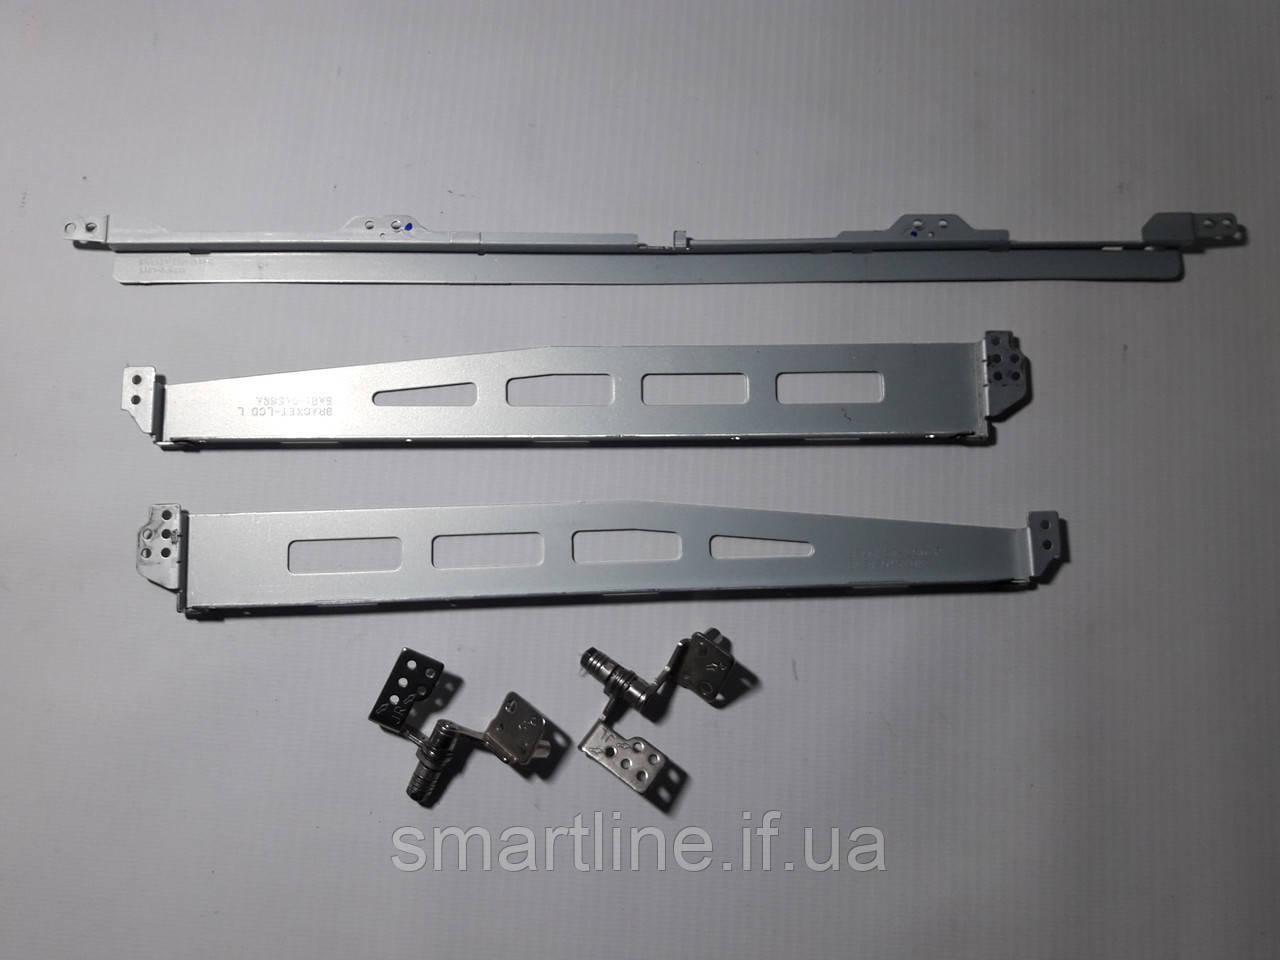 Петлі для ноутбука Samsung NP-SA11H, BA81-04568A,BA81-04569A,&nb